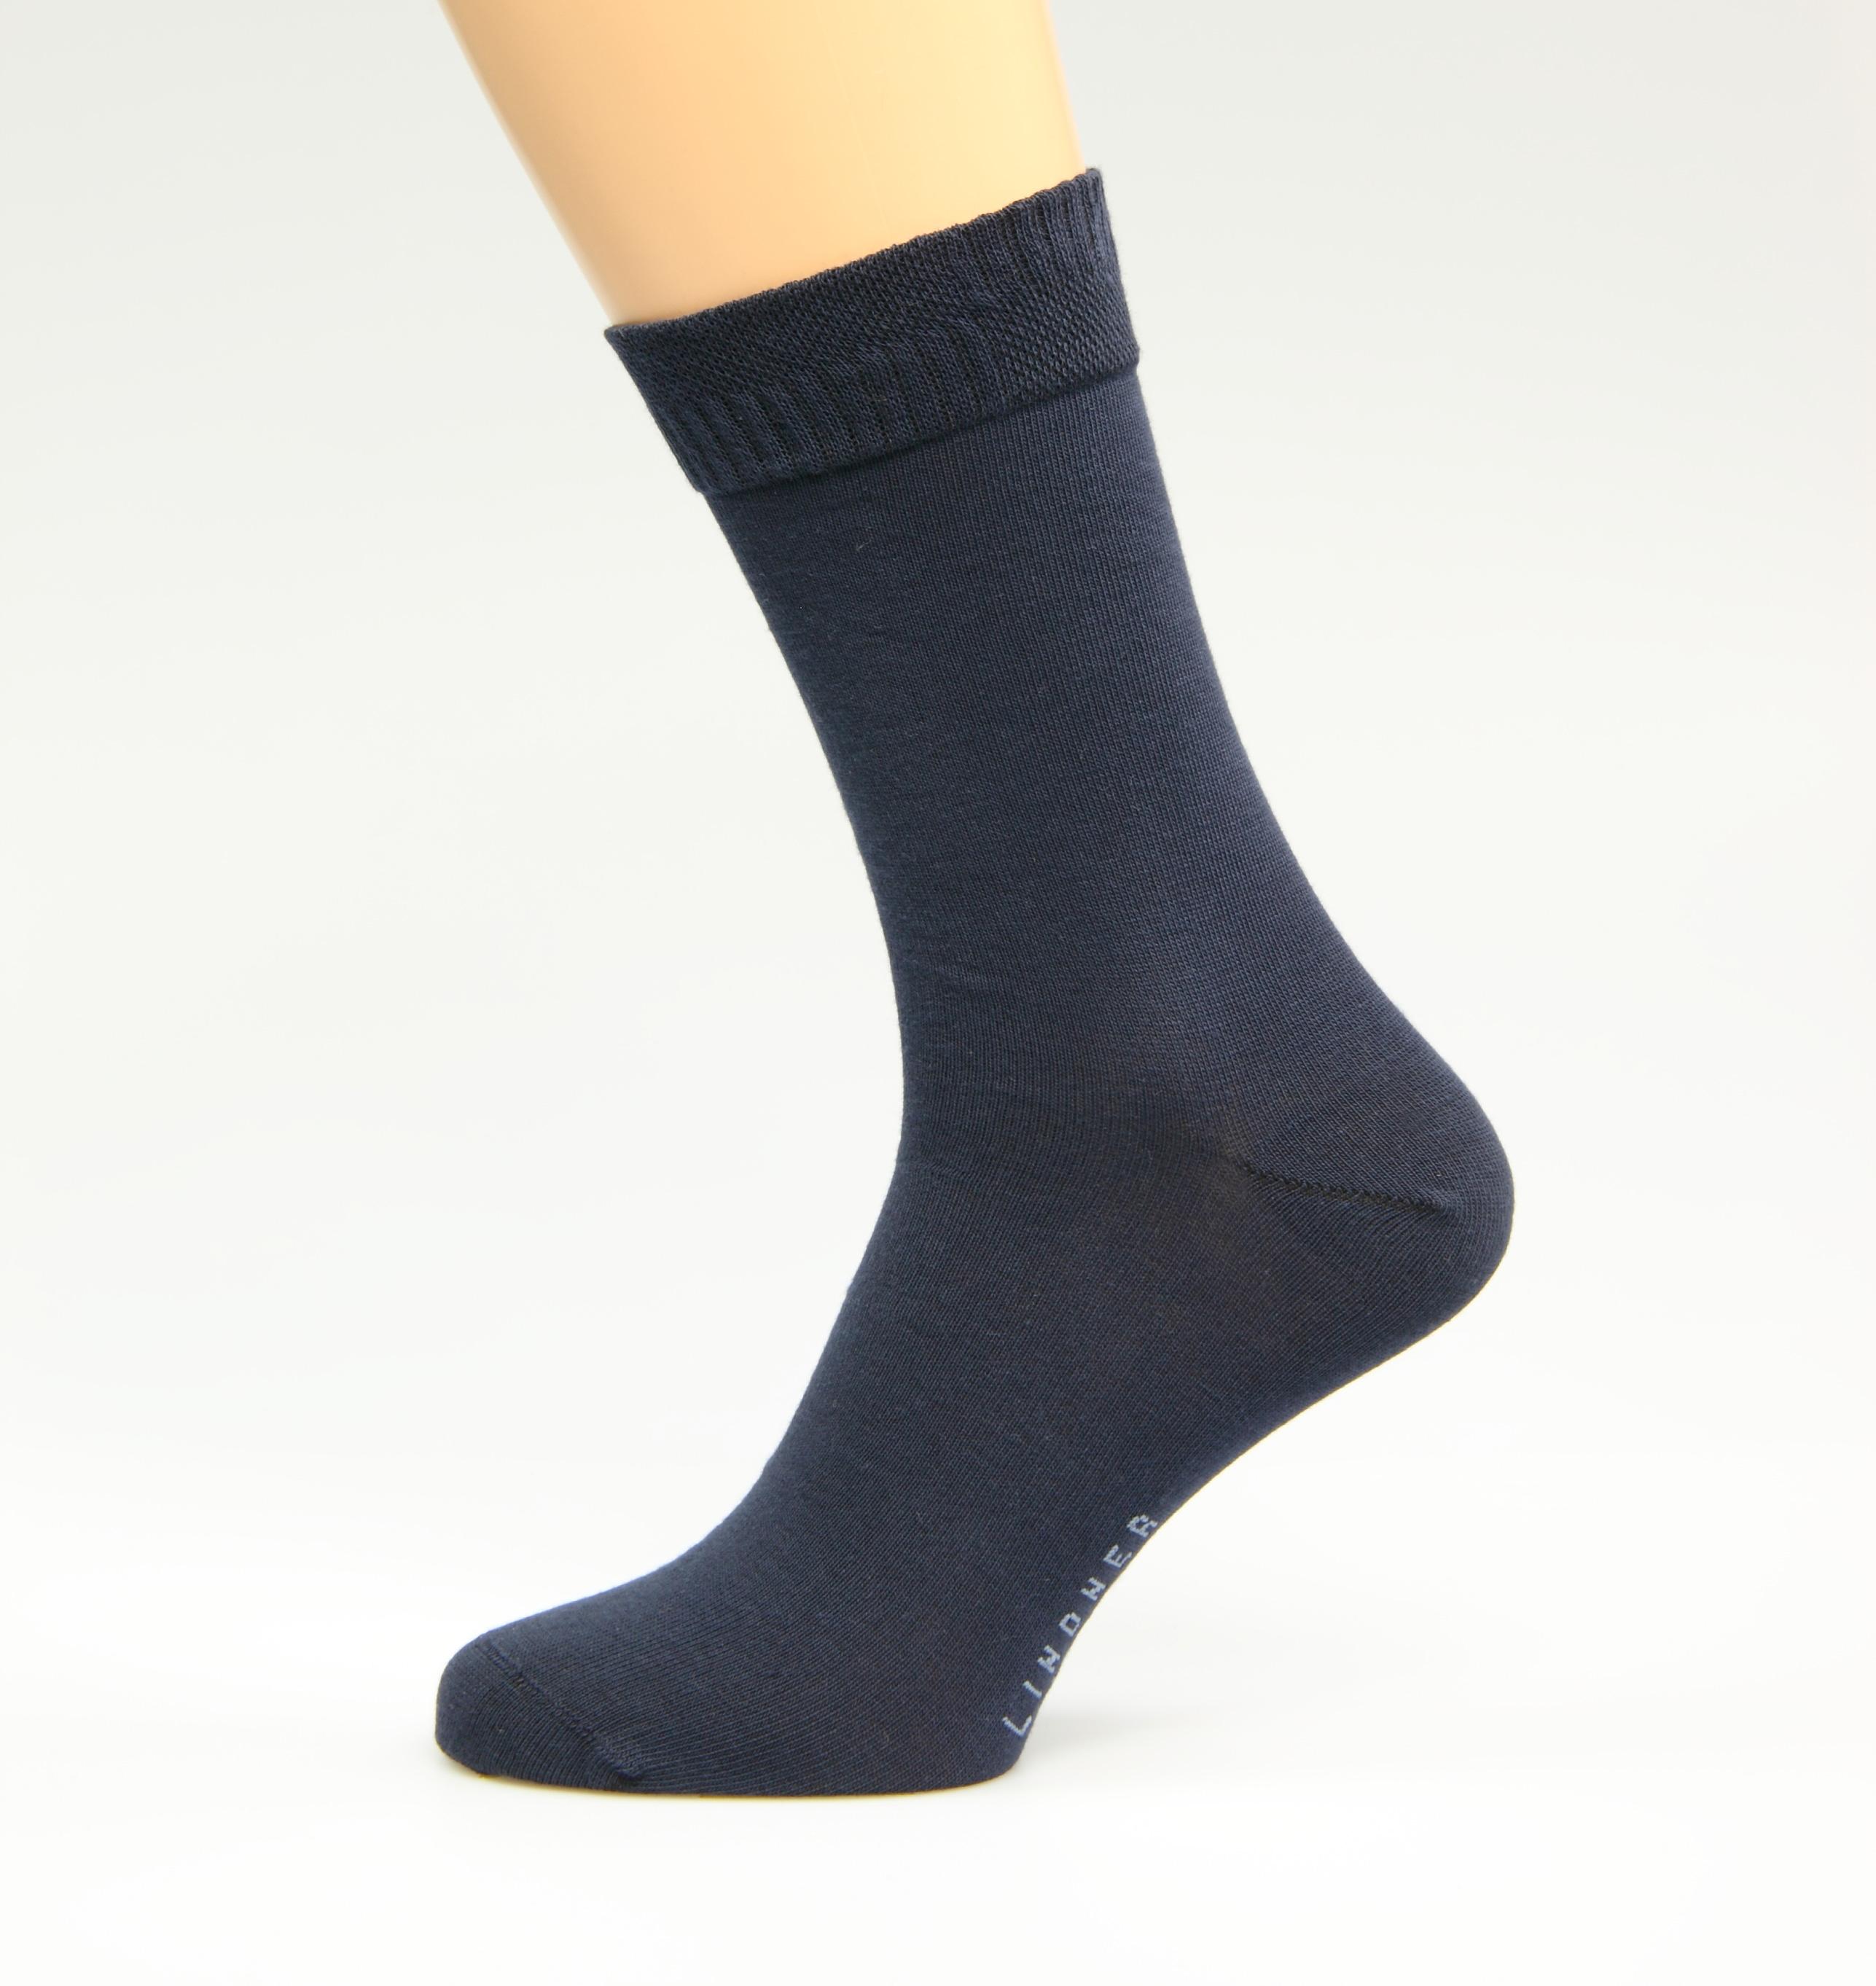 Diabetiker-Socken-blau-Gr-sse-45-47